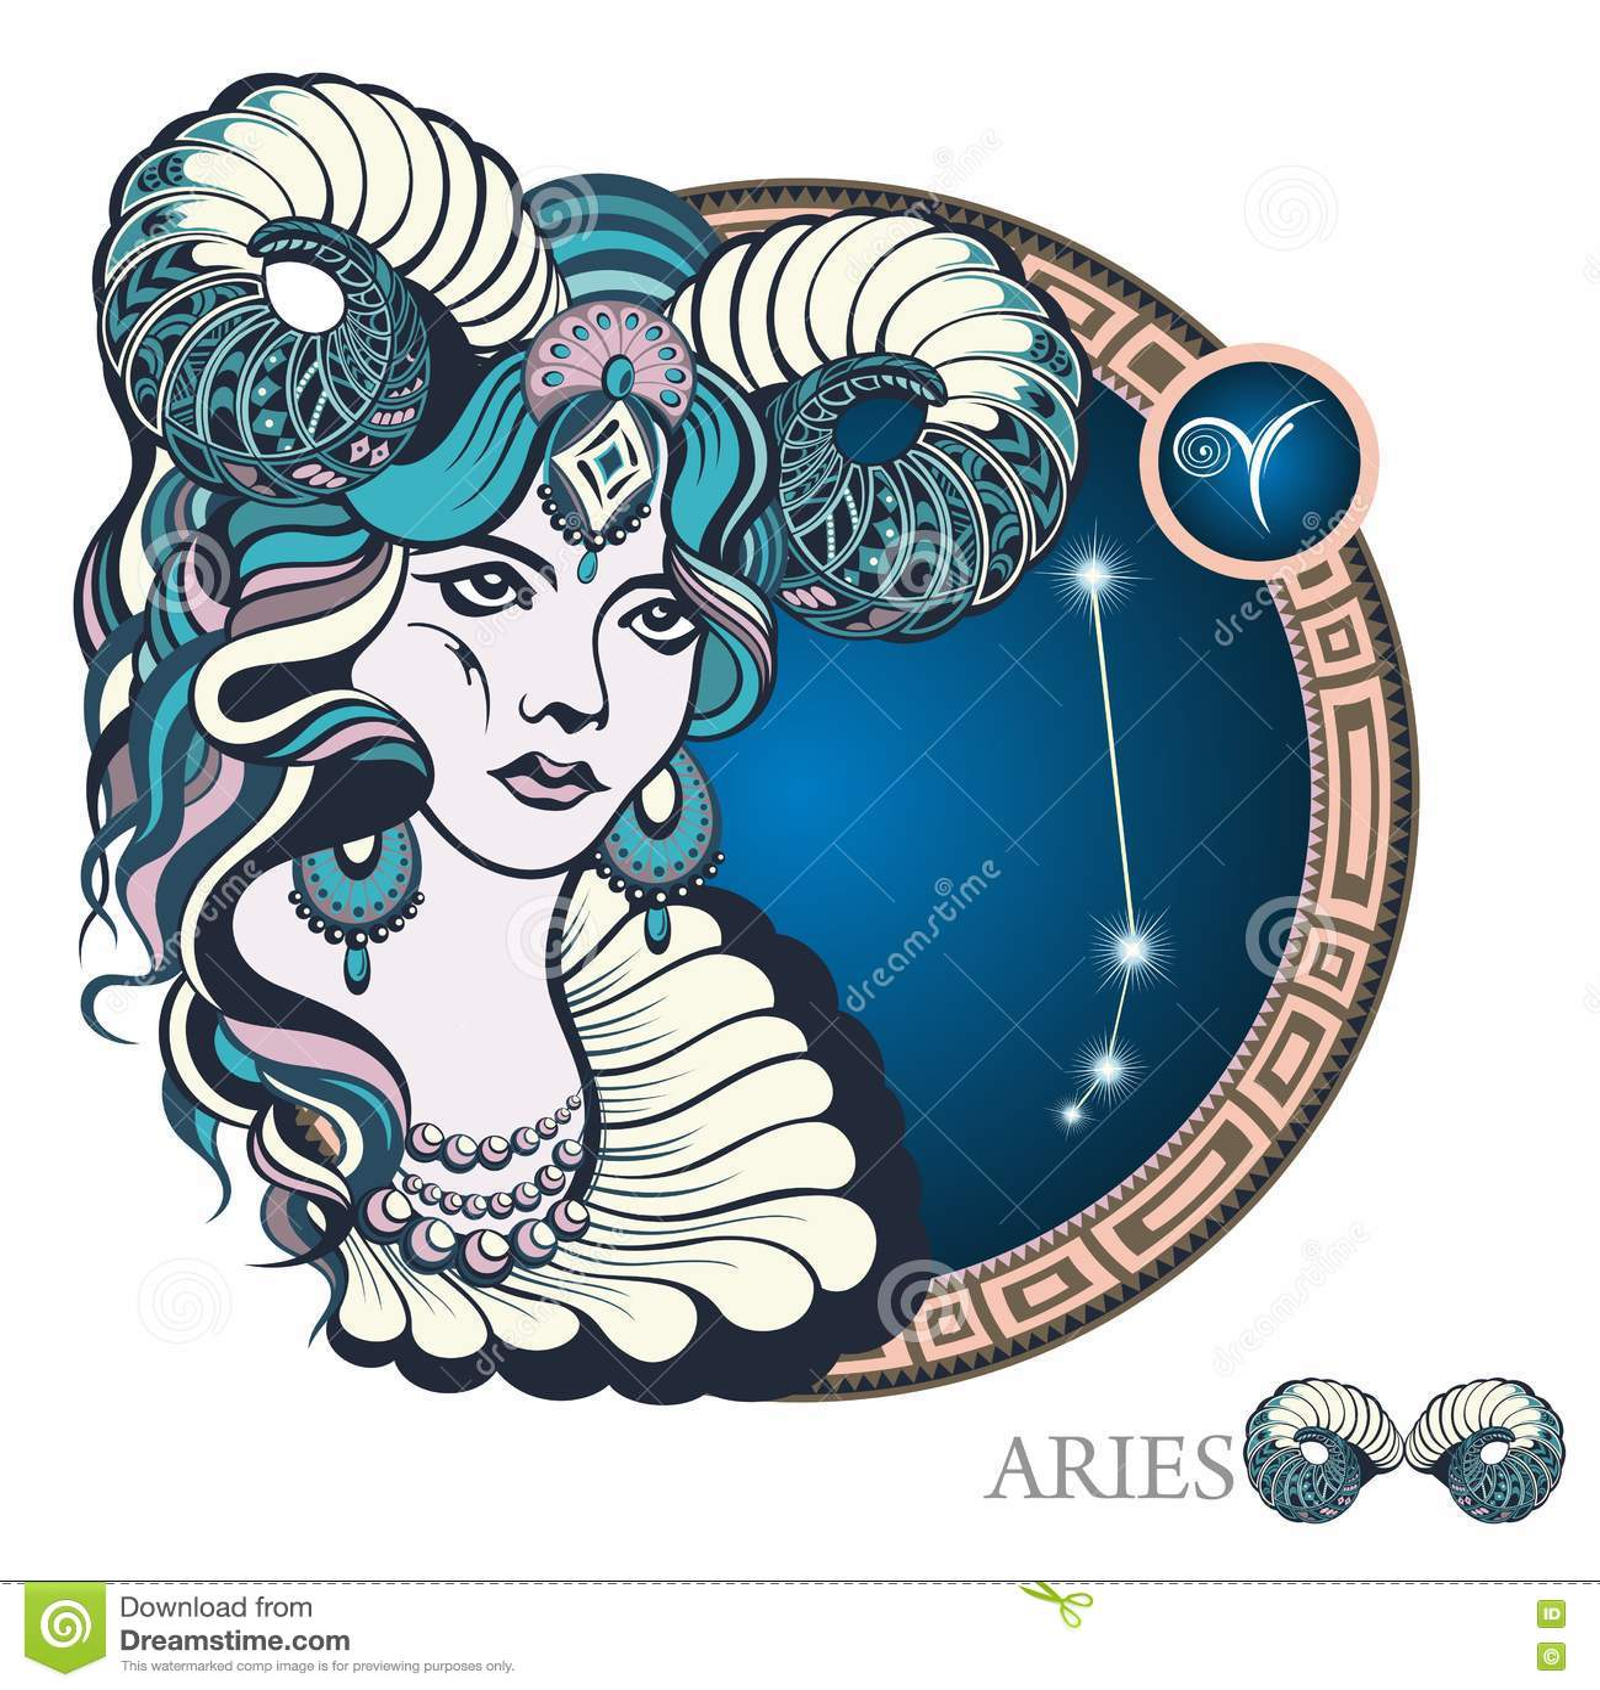 Aries Het teken van de dierenriem